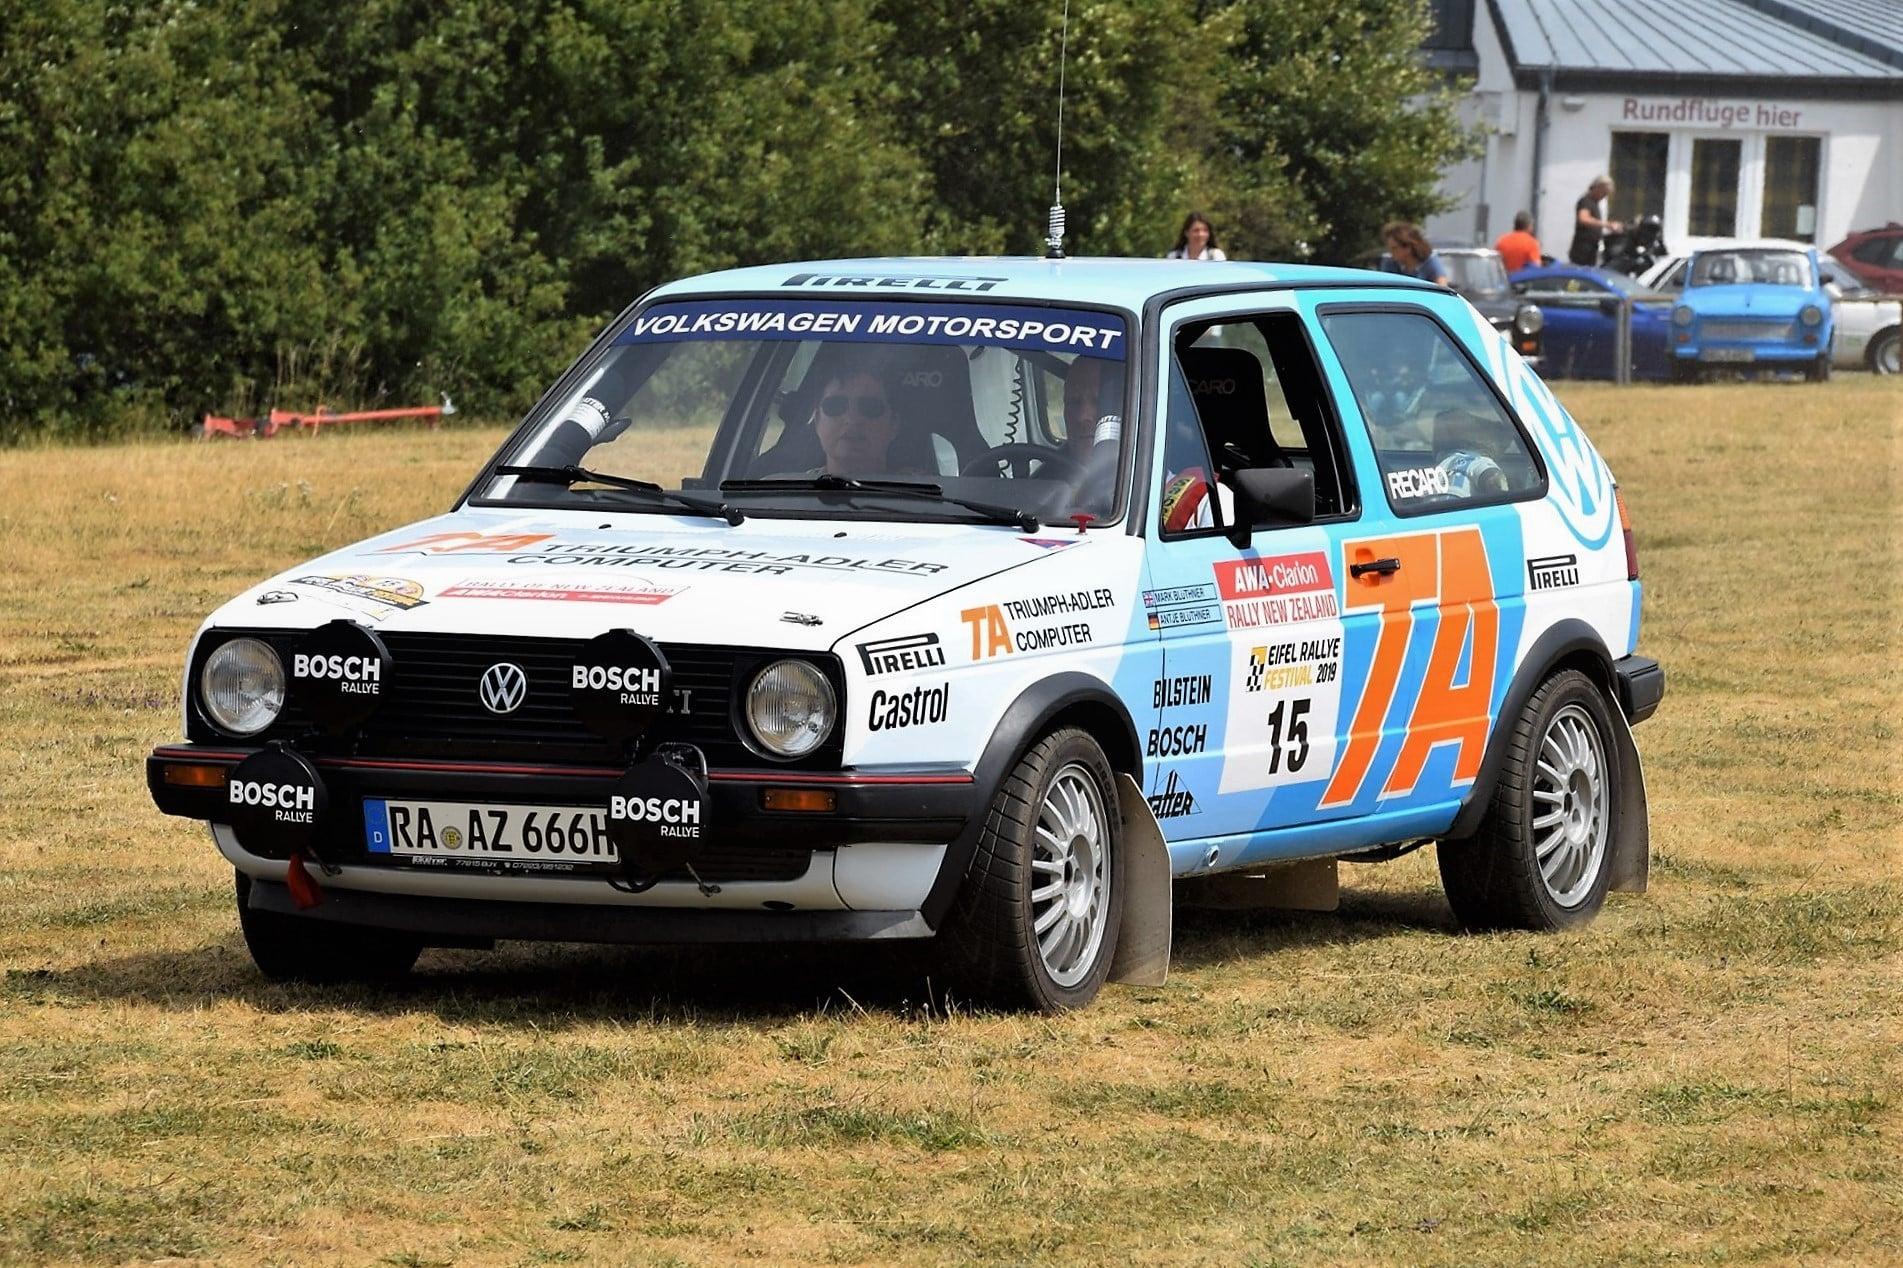 VW-Rally-Racing-car-(4)